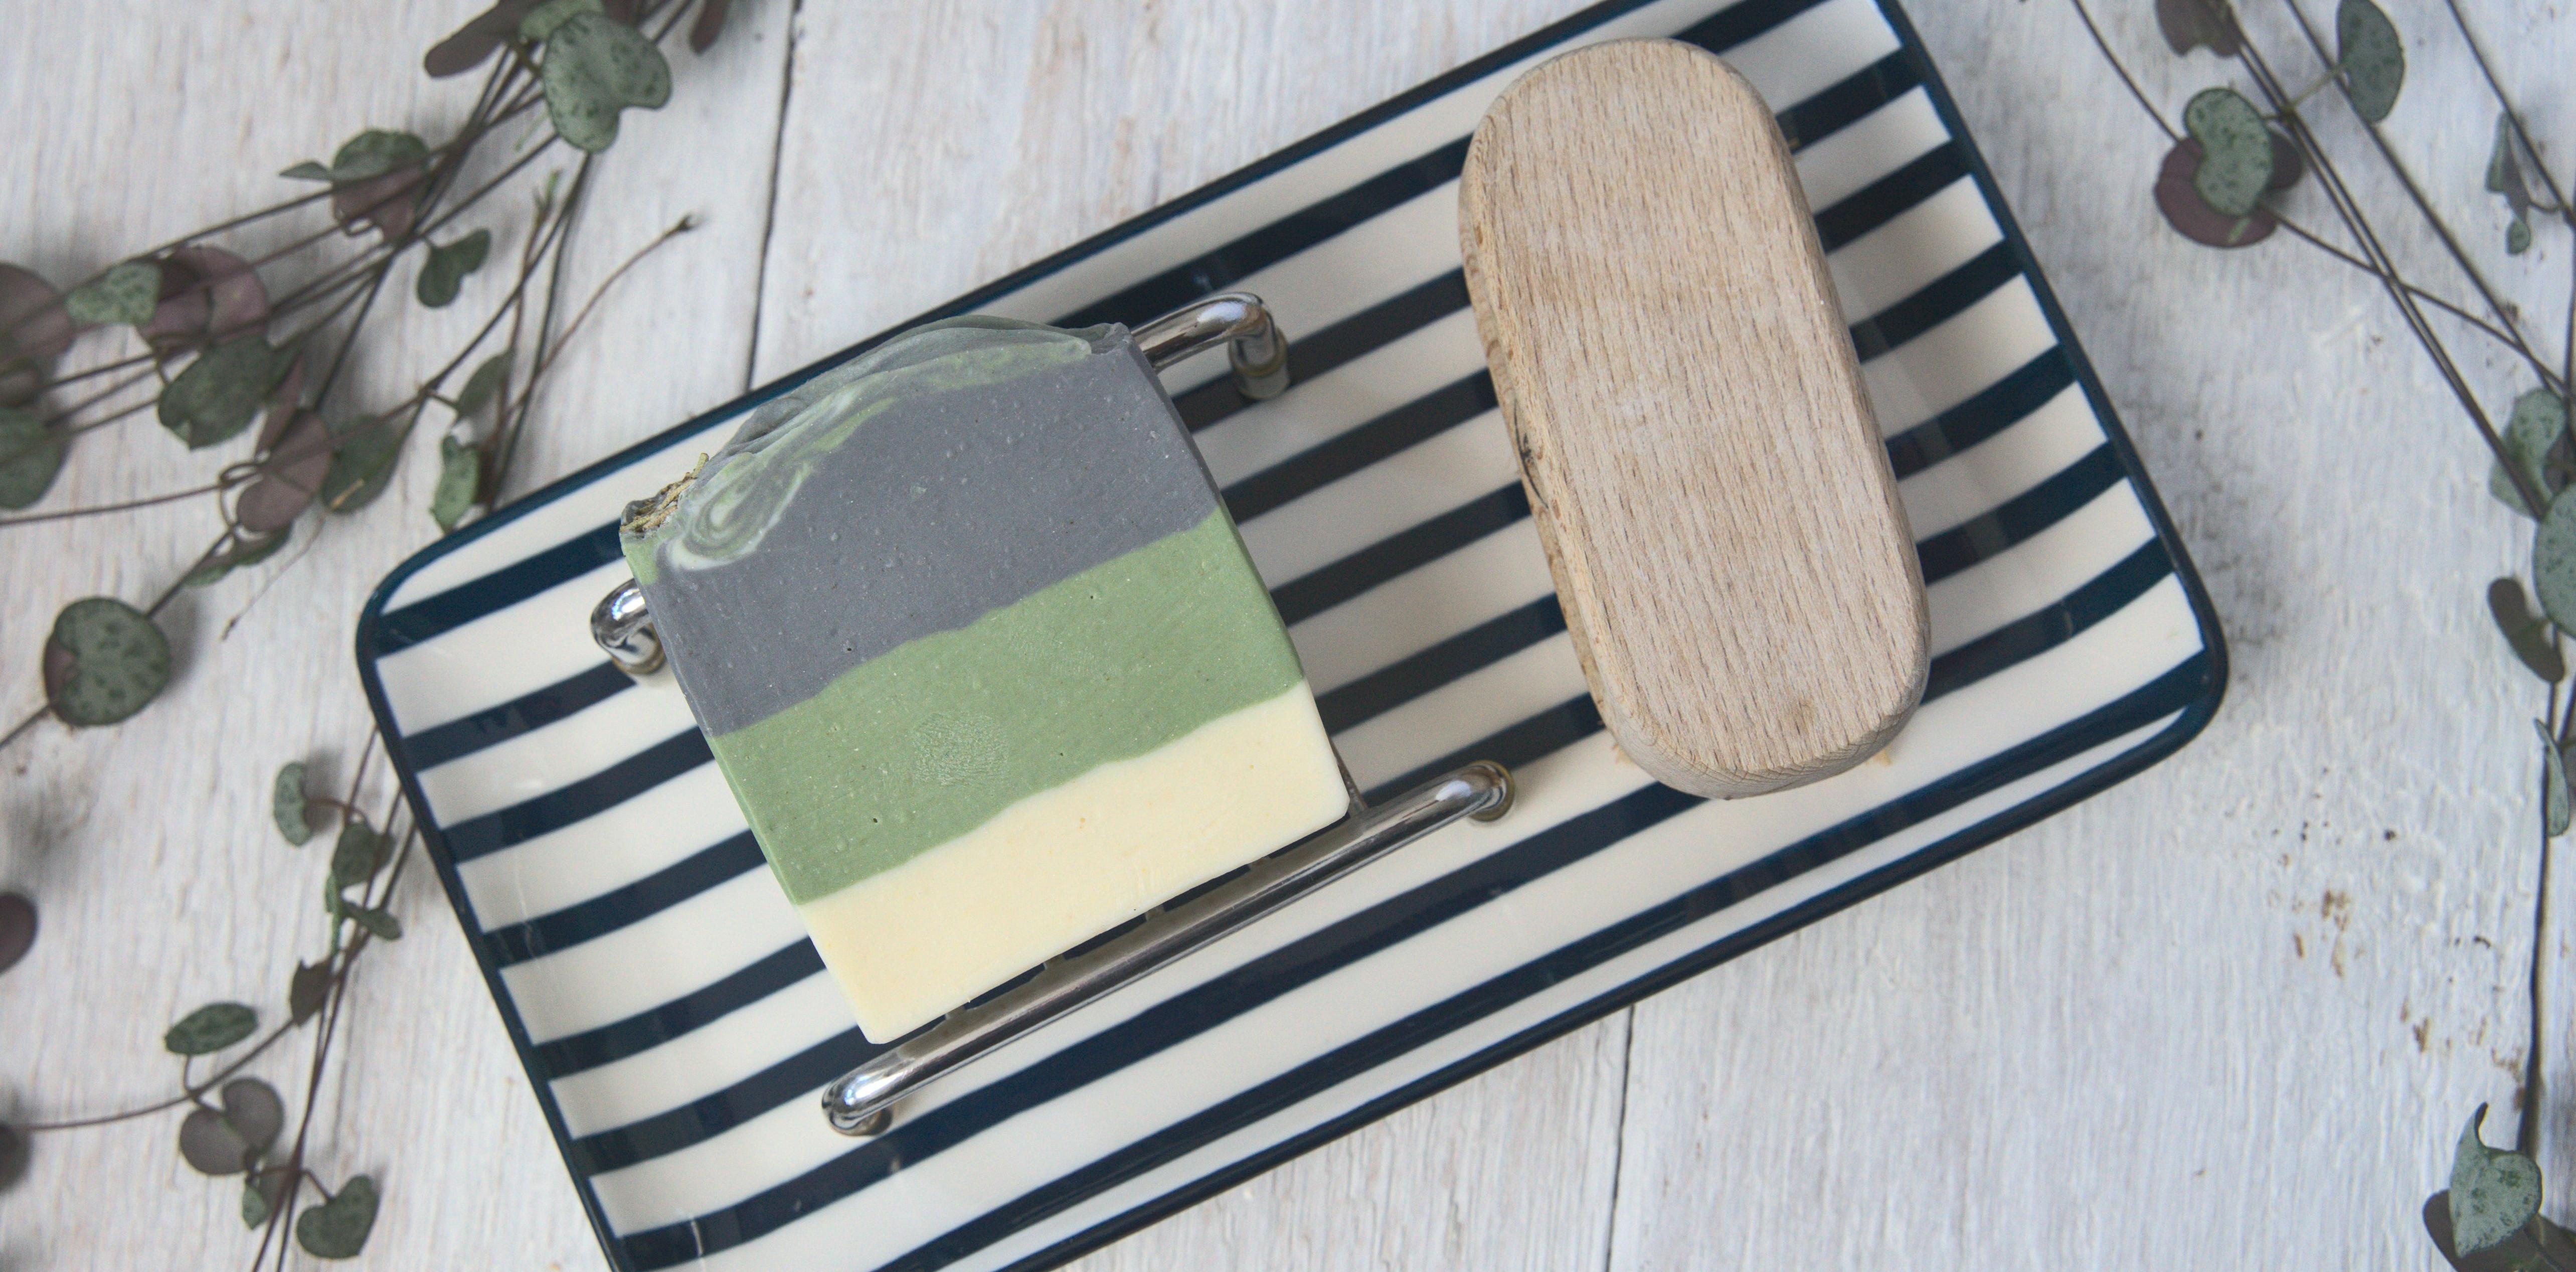 Pflegeprodukte & Kosmetik - Handgemachte Seifen